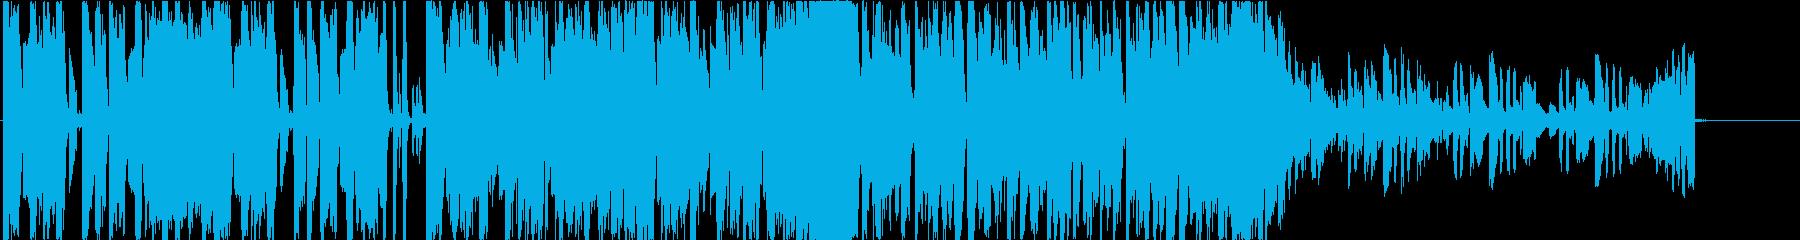 CM】オシャレなノリノリEDM【短縮版】の再生済みの波形